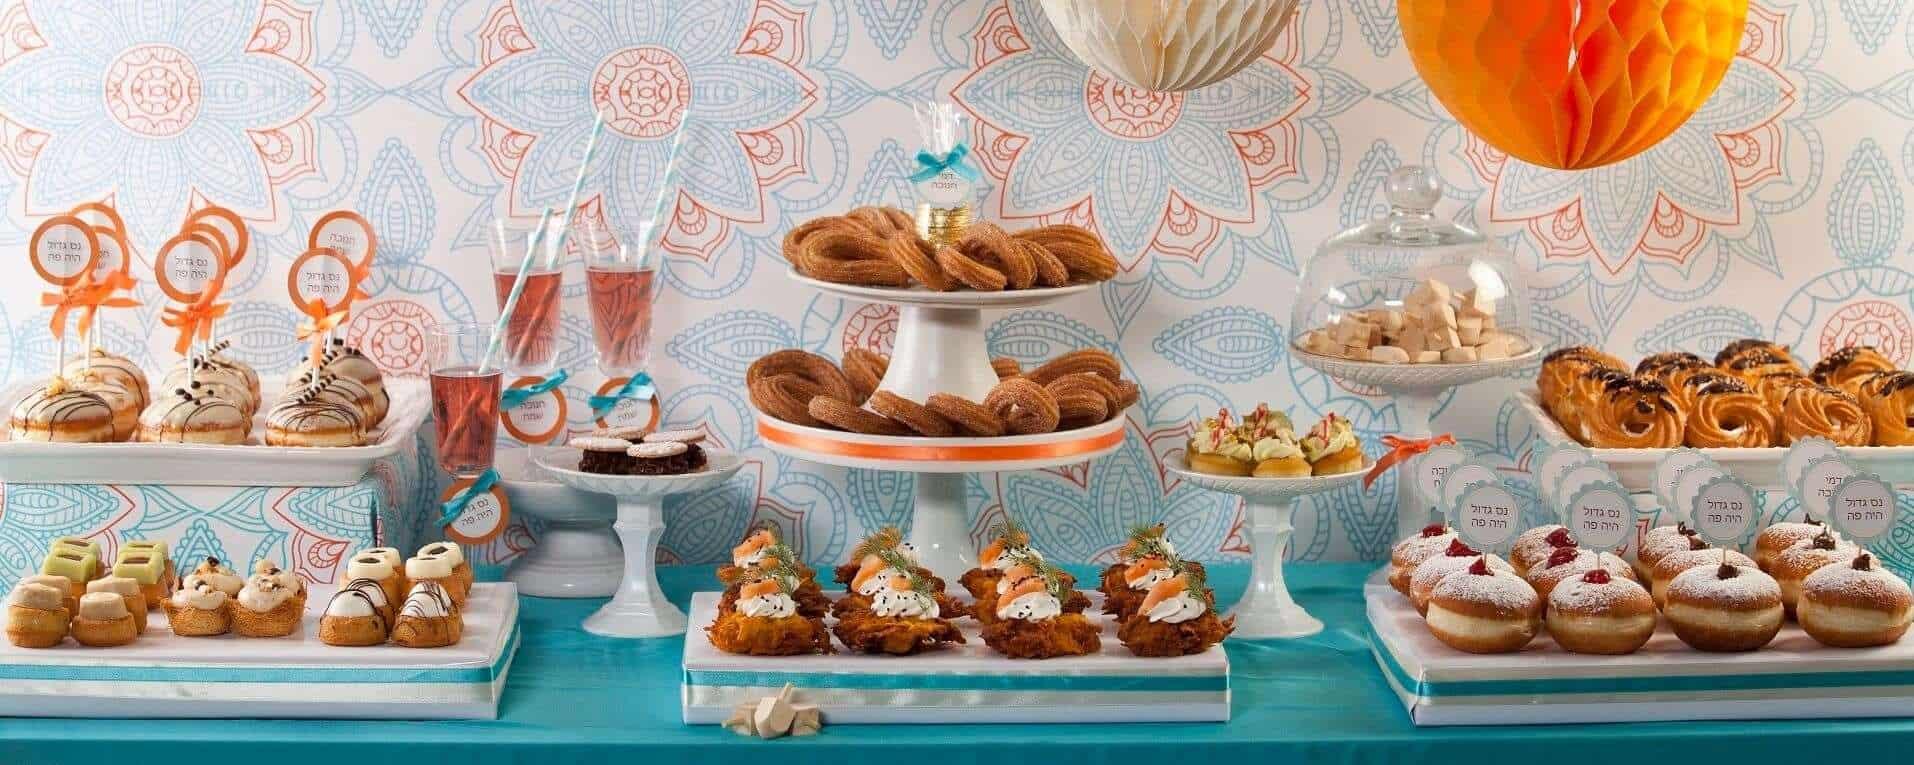 hanukkah-buffet